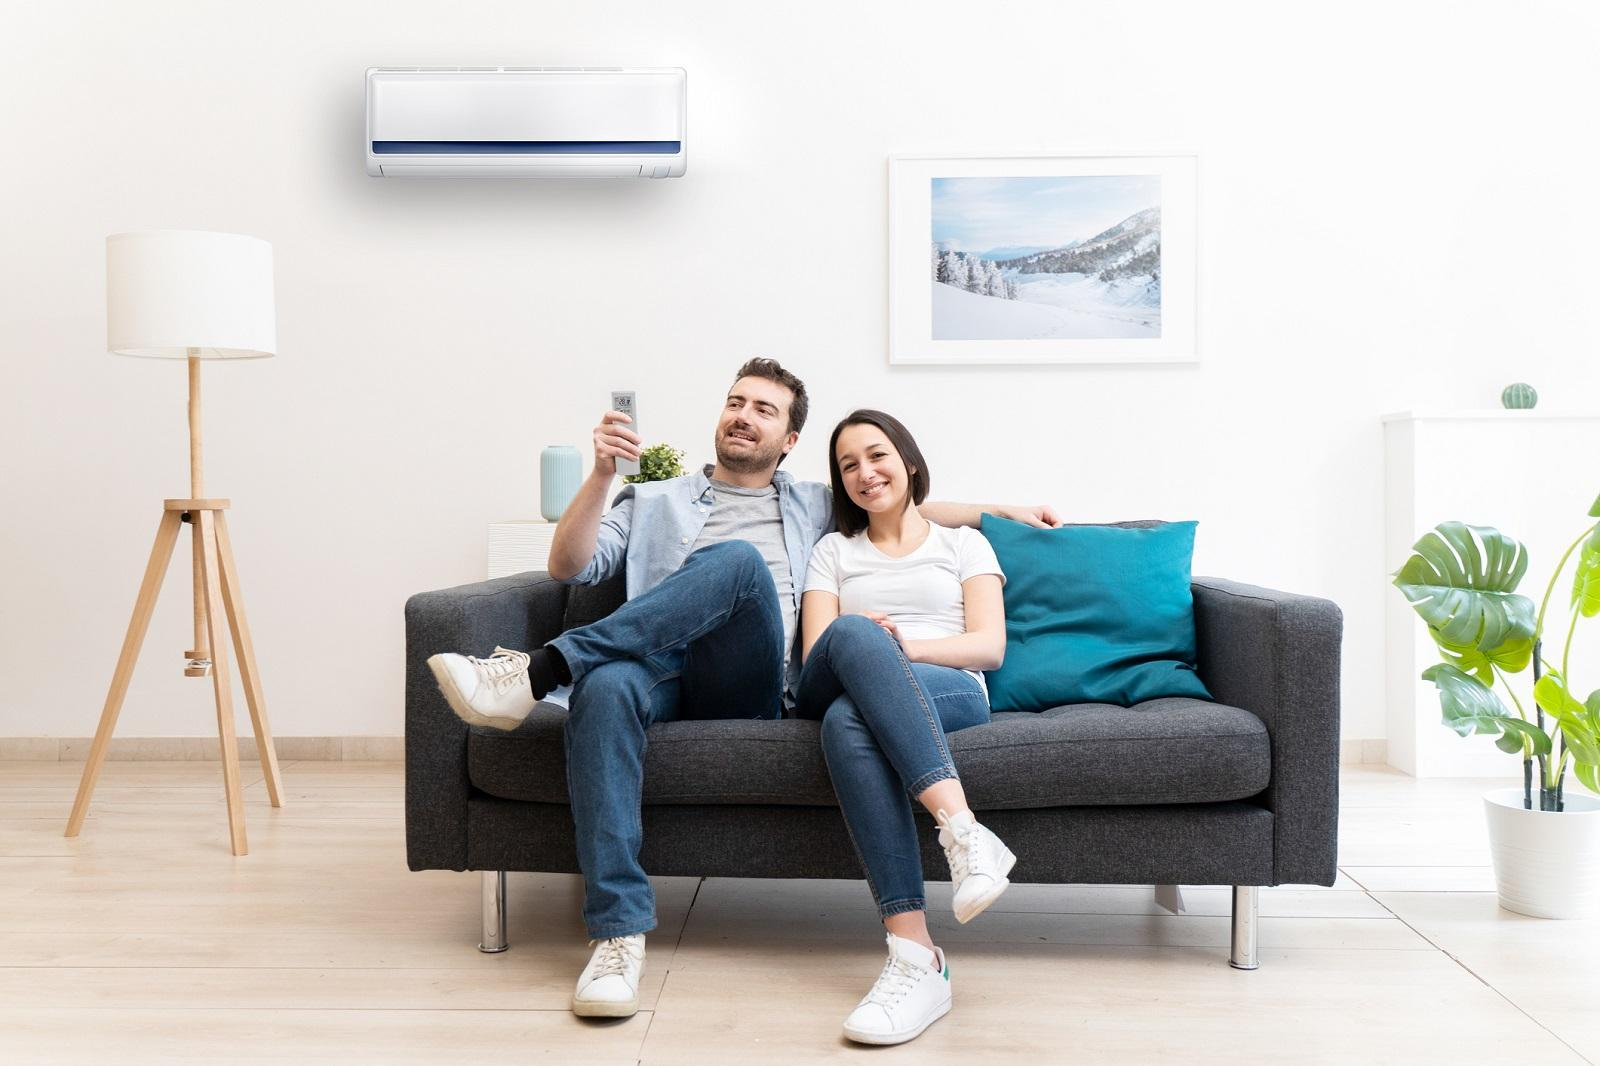 Dlaczego warto zamontować klimatyzację w domu?